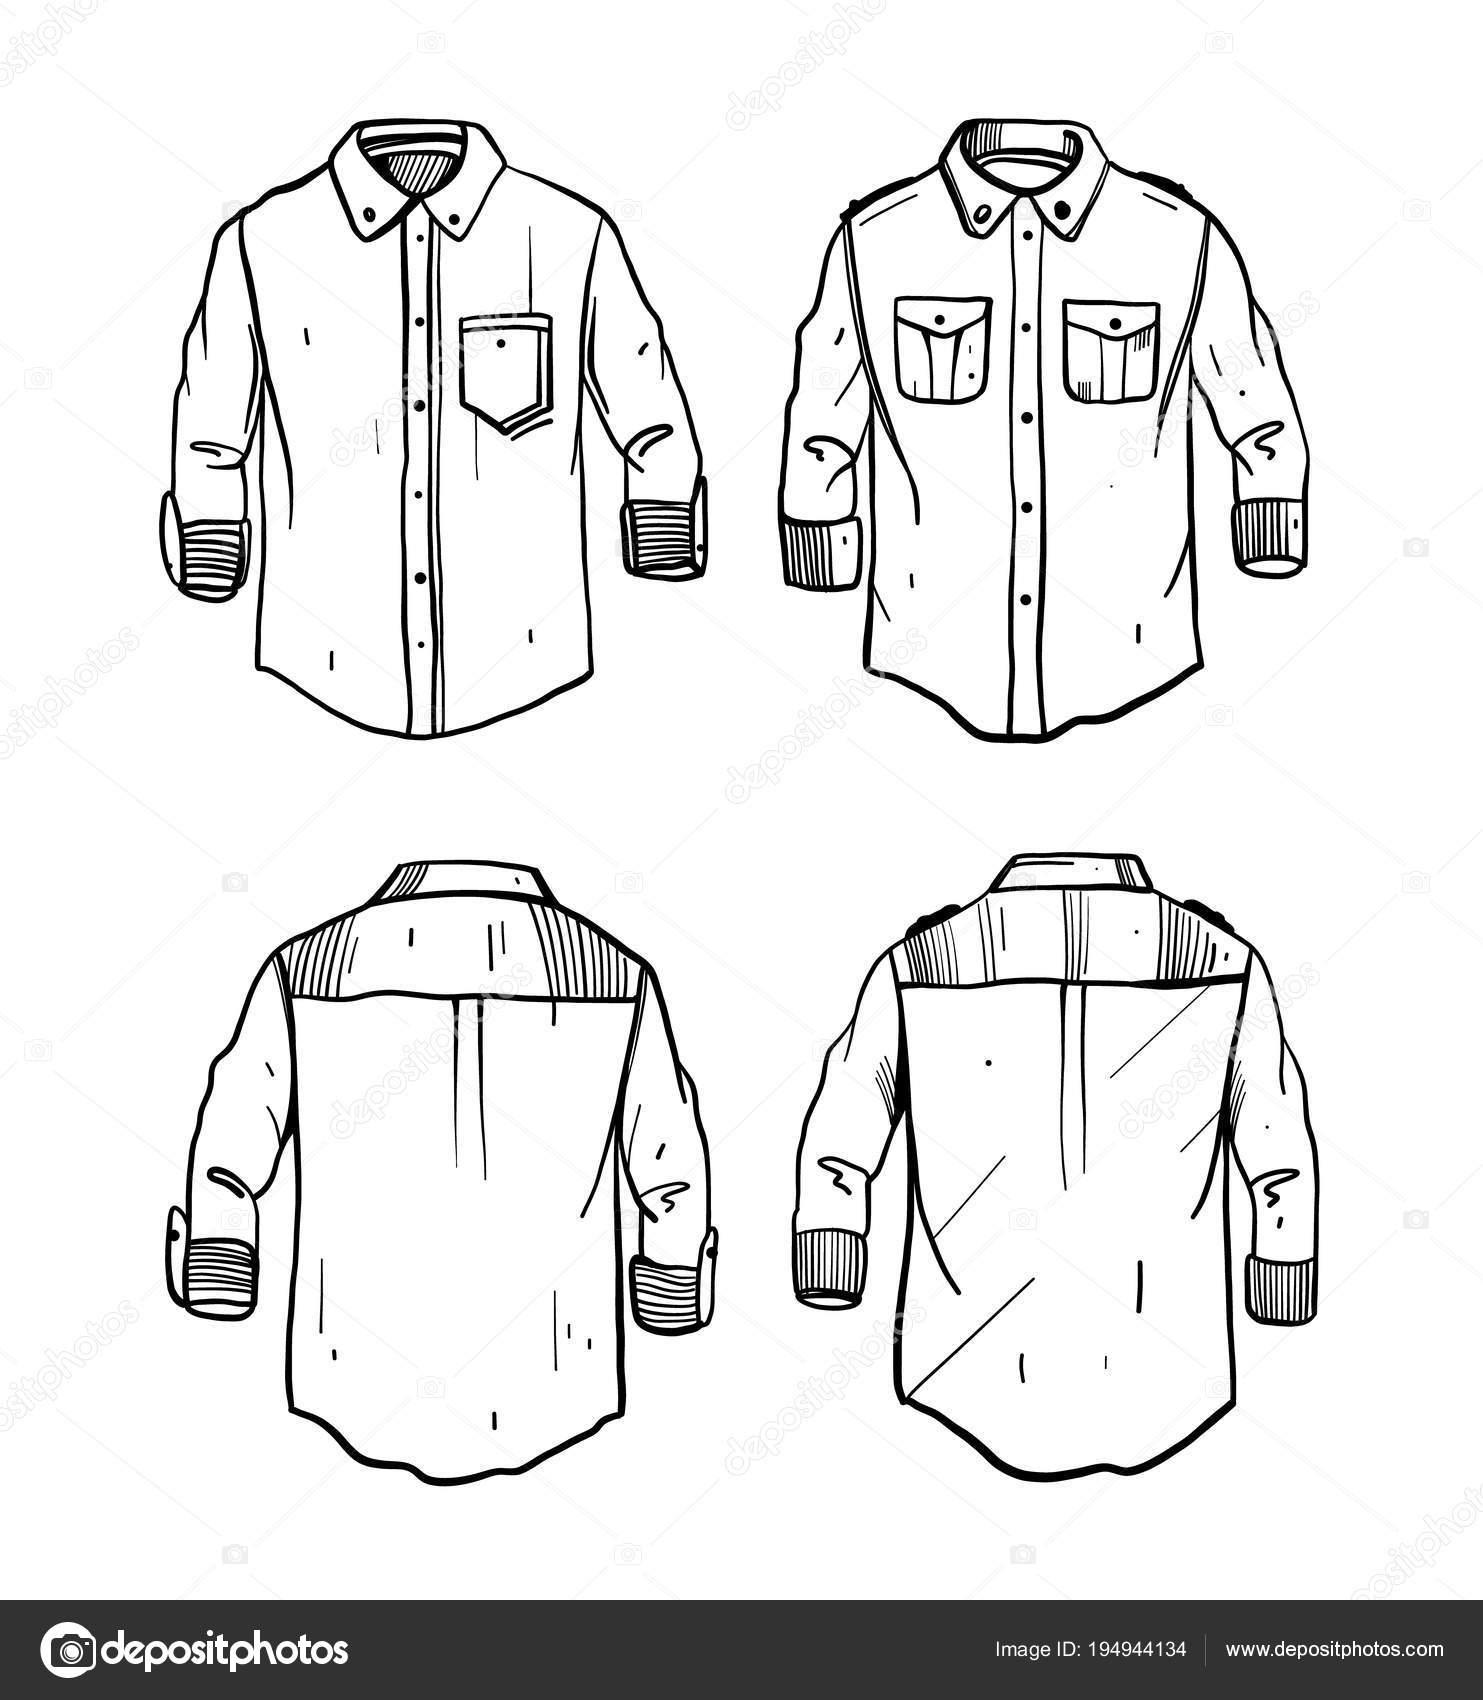 Ilustración de vector de camiseta boceto dibujado a mano — Archivo Imágenes  Vectoriales 6f3df337f203f